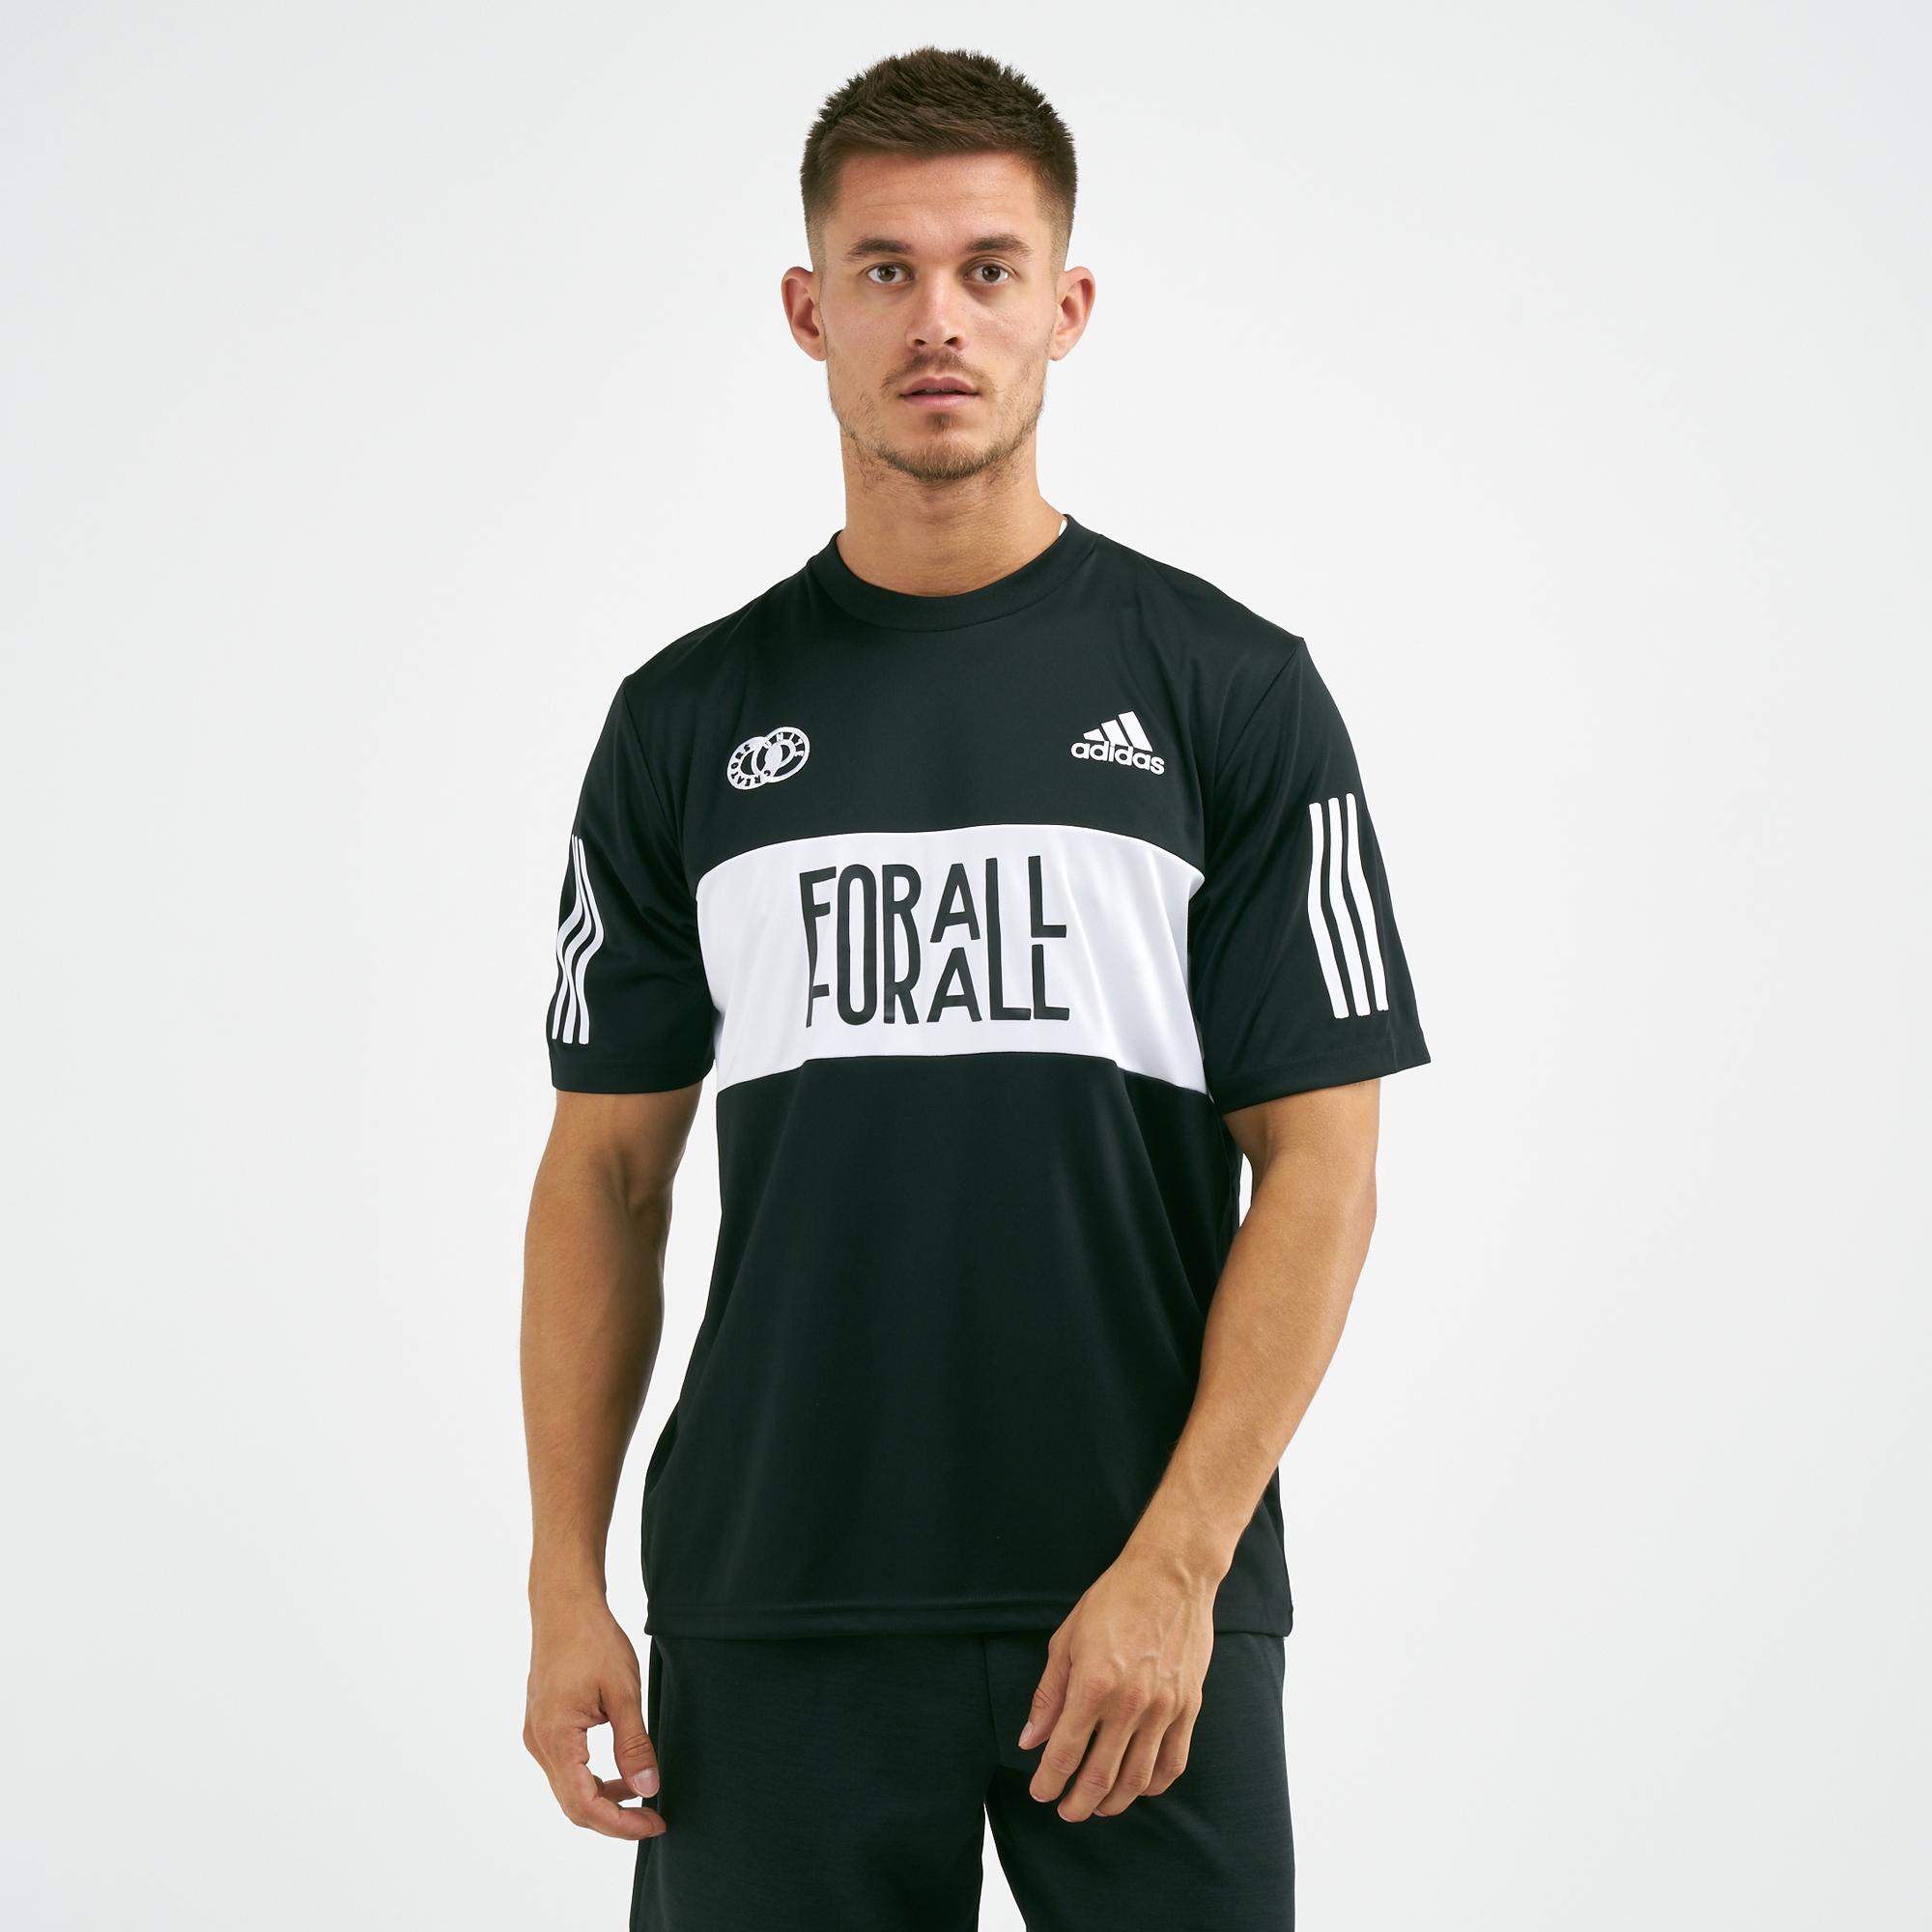 d416087de1a adidas One Team Jersey T-Shirt | T-Shirts | Tops | Clothing | Mens | SSS